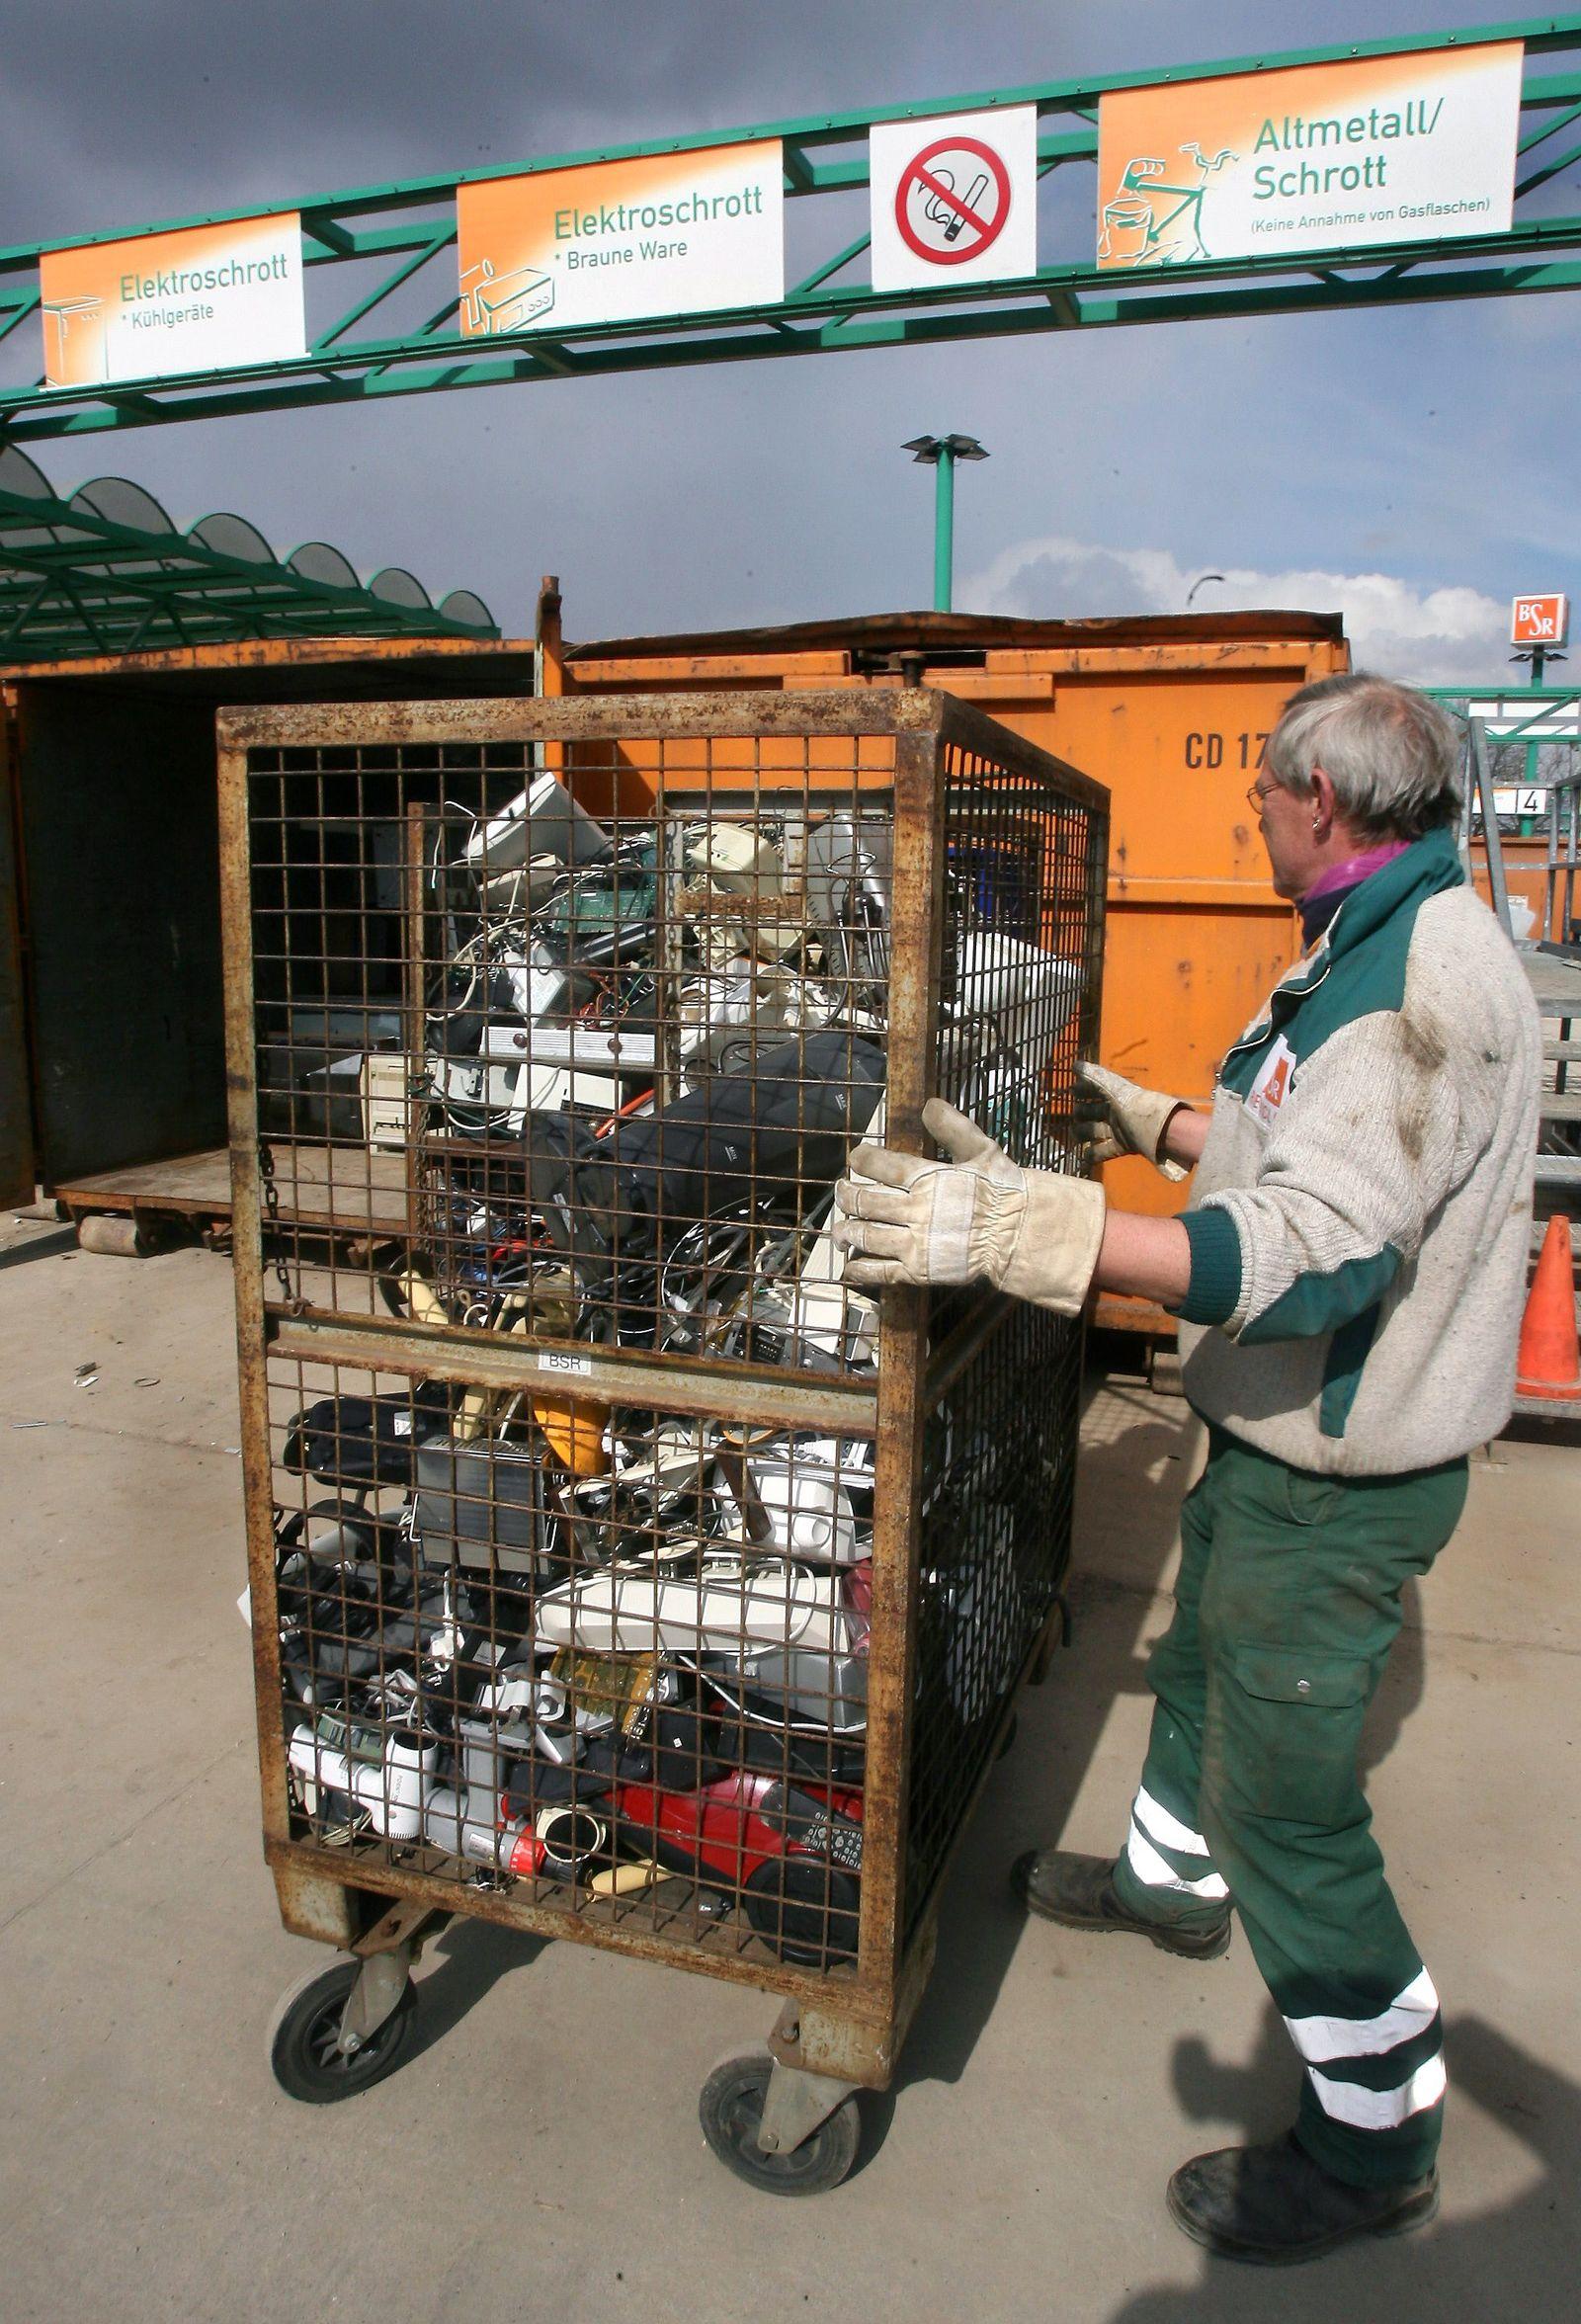 Elektroschrott auf Recyclinghof in Berlin